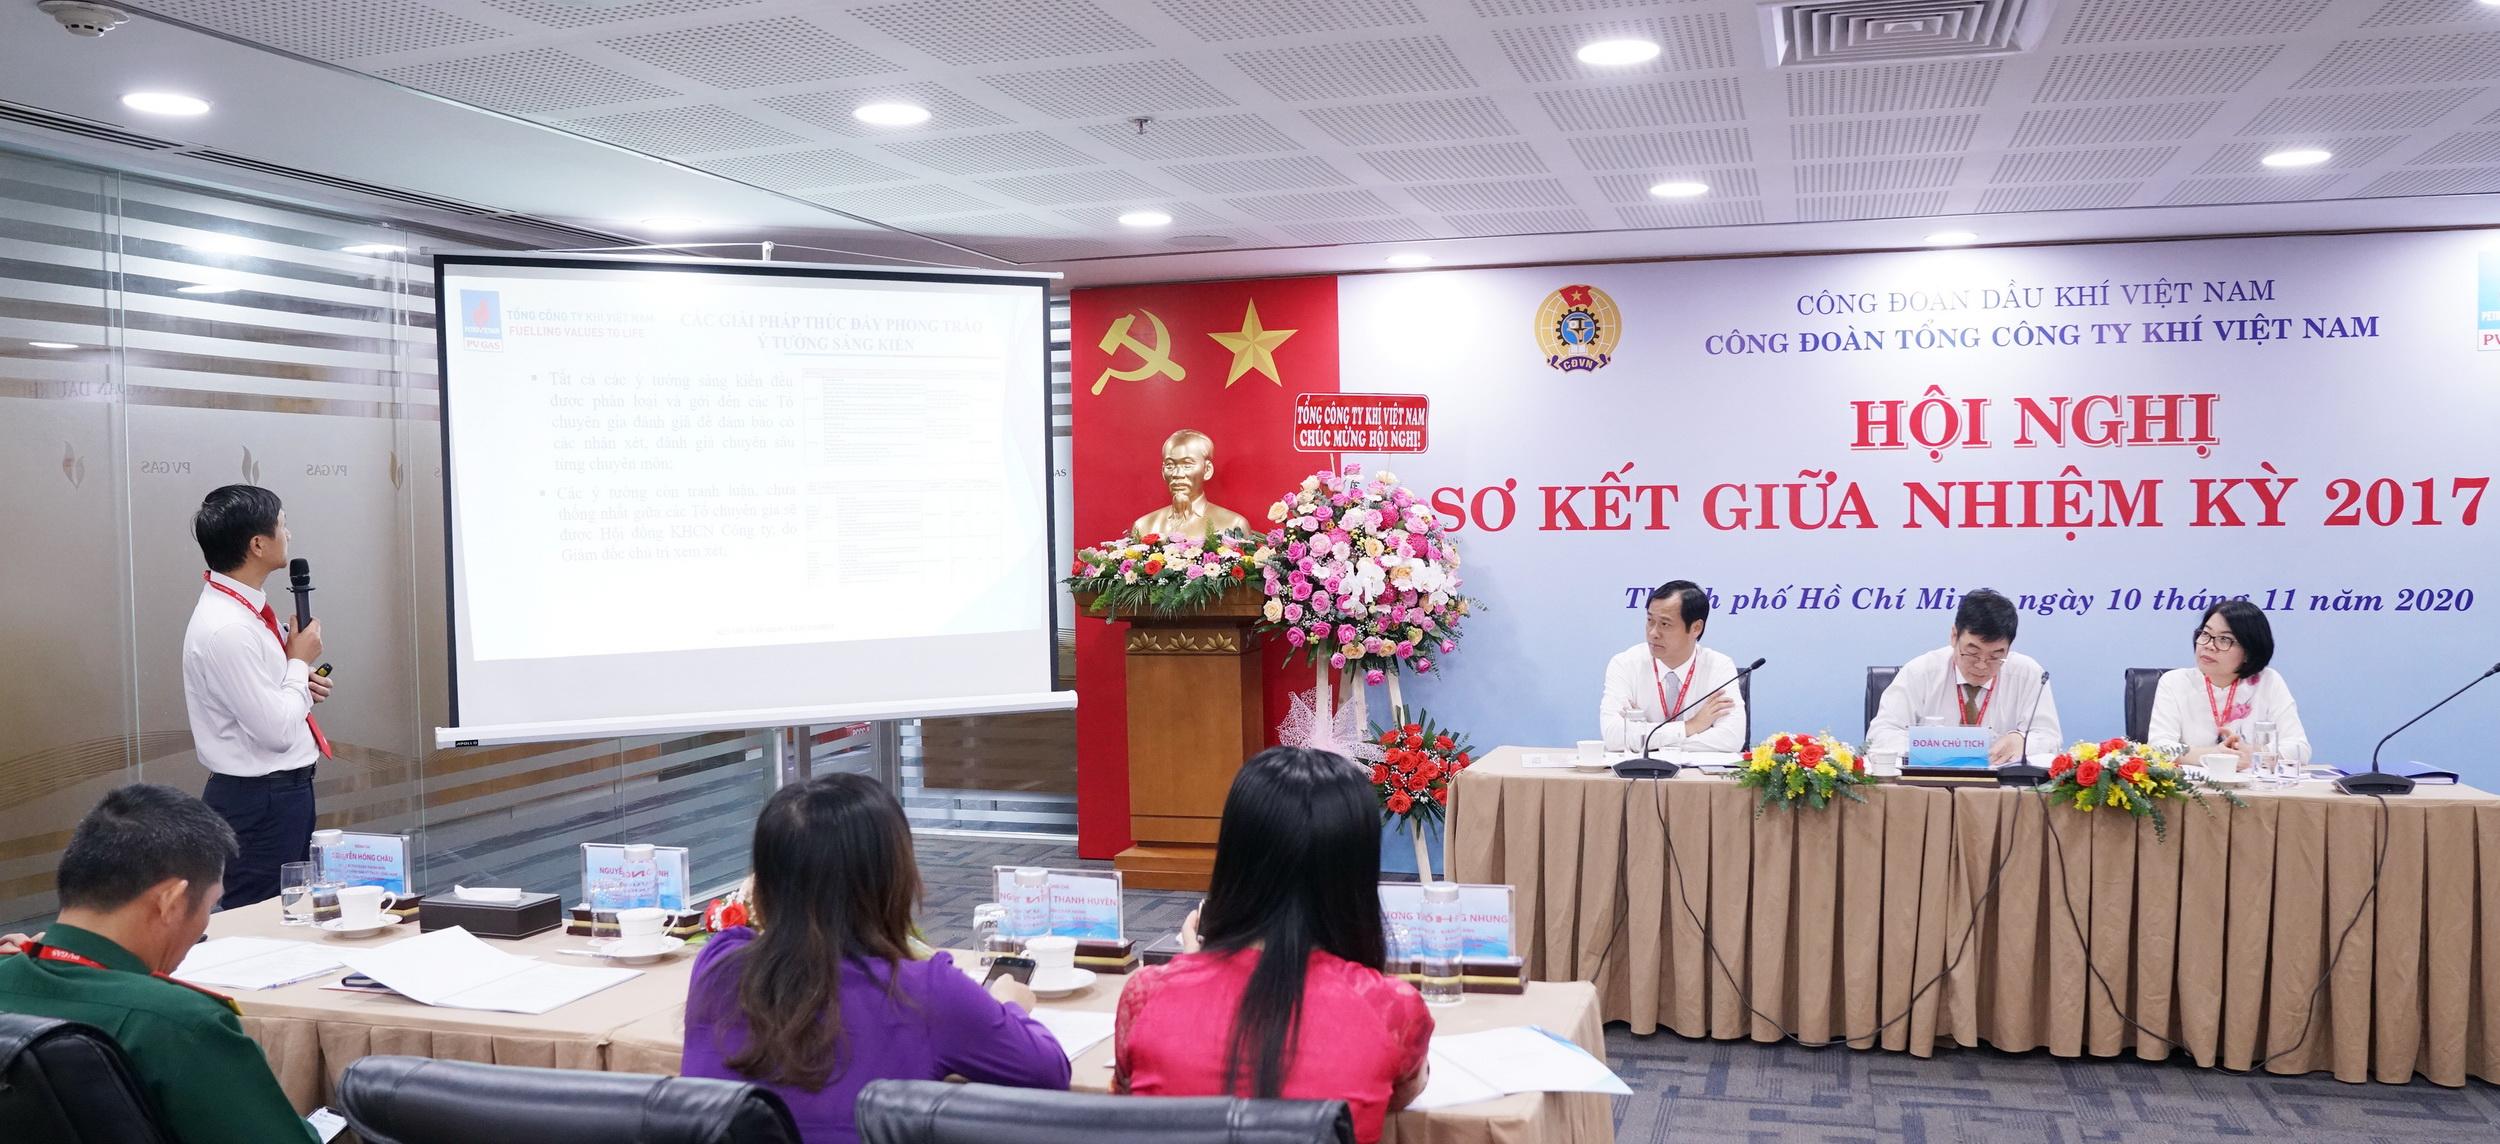 Đại diện Công đoàn KVT tham luận tại Hội nghị giữa nhiệm kỳ Công đoàn PV GAS